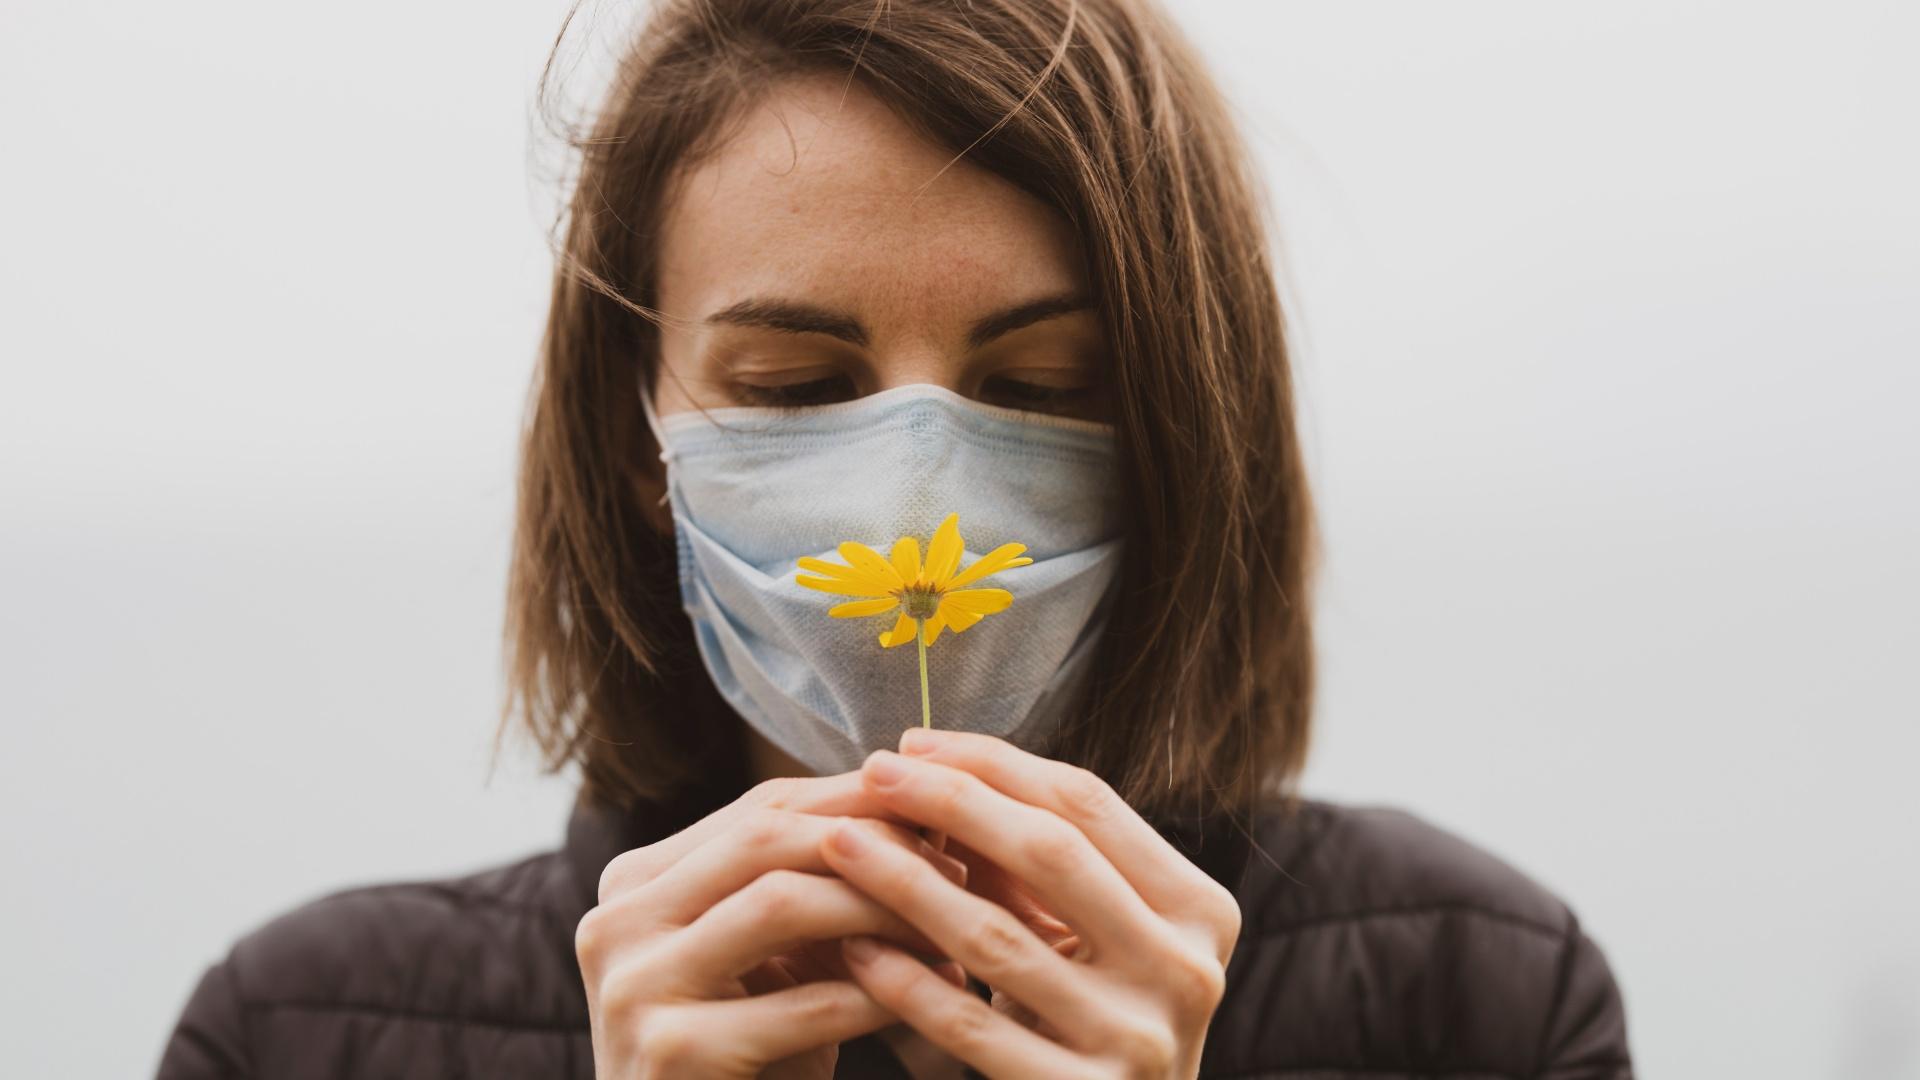 Maszkos nő virágot tart az arca előtt